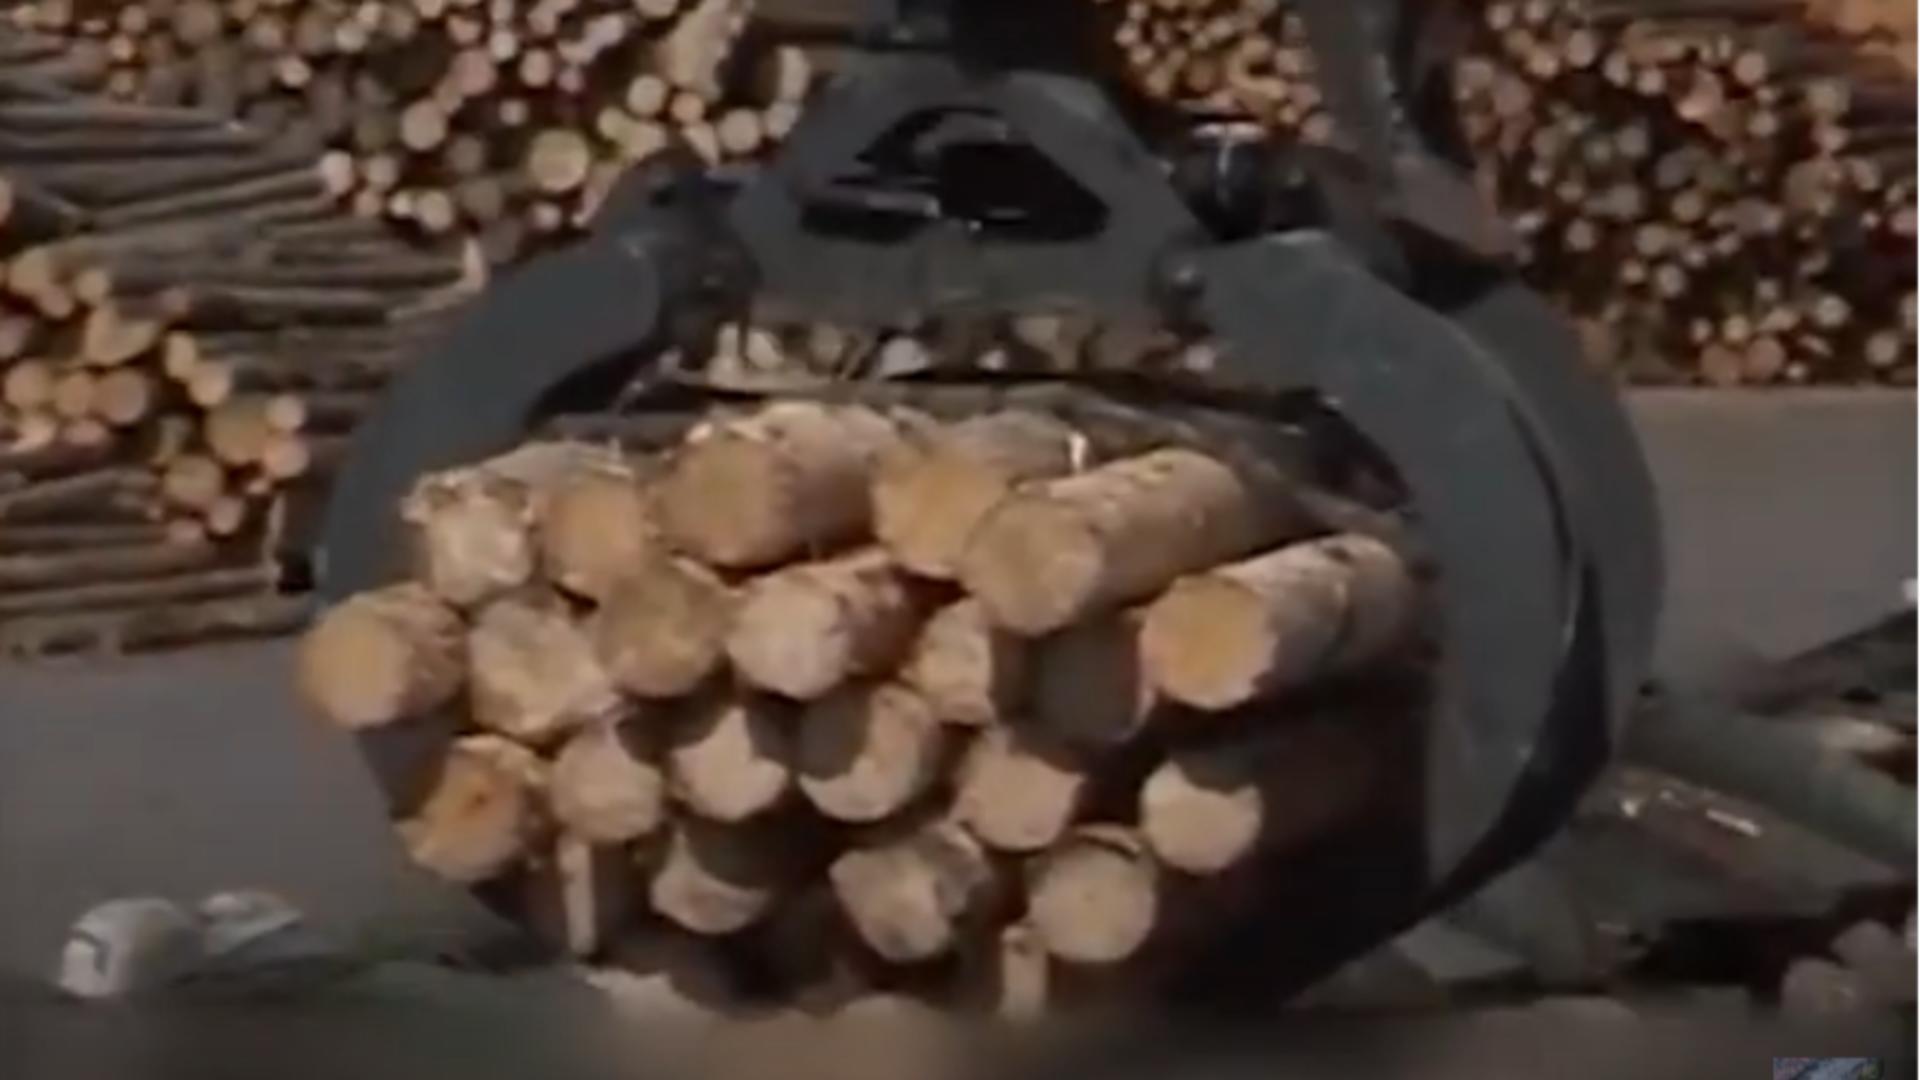 CULISELE STATULUI PARALEL / Mafia lemnului, încrengături la la nivel înalt. Flutur, apropiat al austriecilor care taie lemne